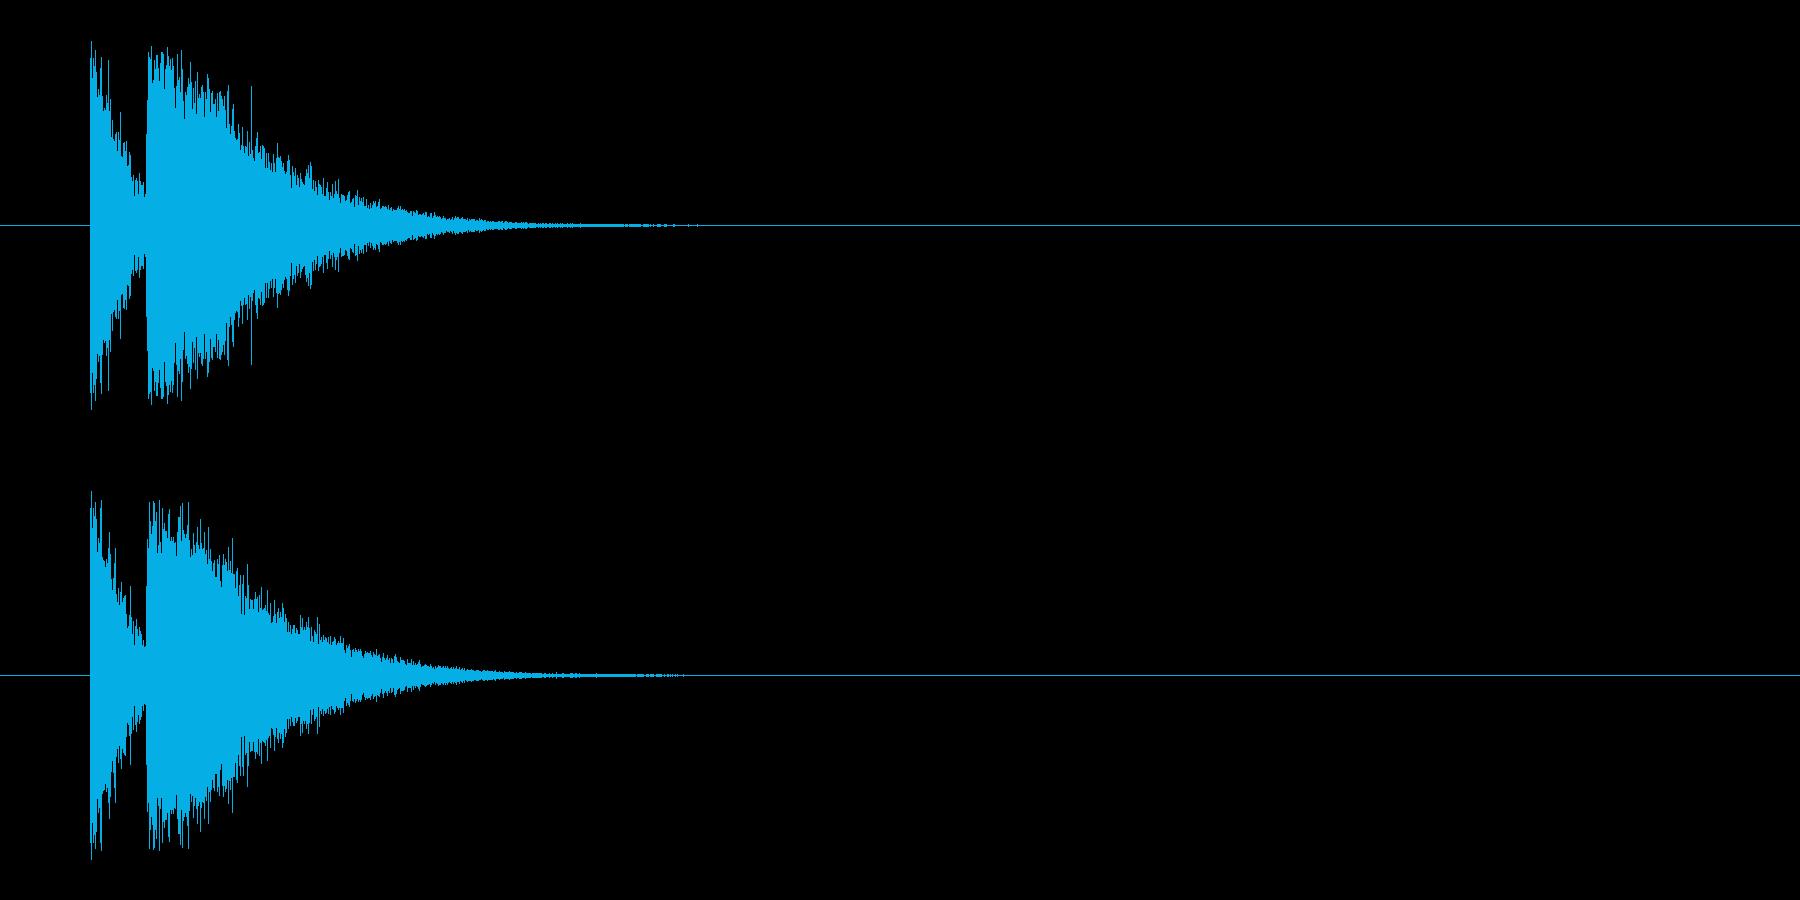 ビームライフル3★リバーブ有の再生済みの波形